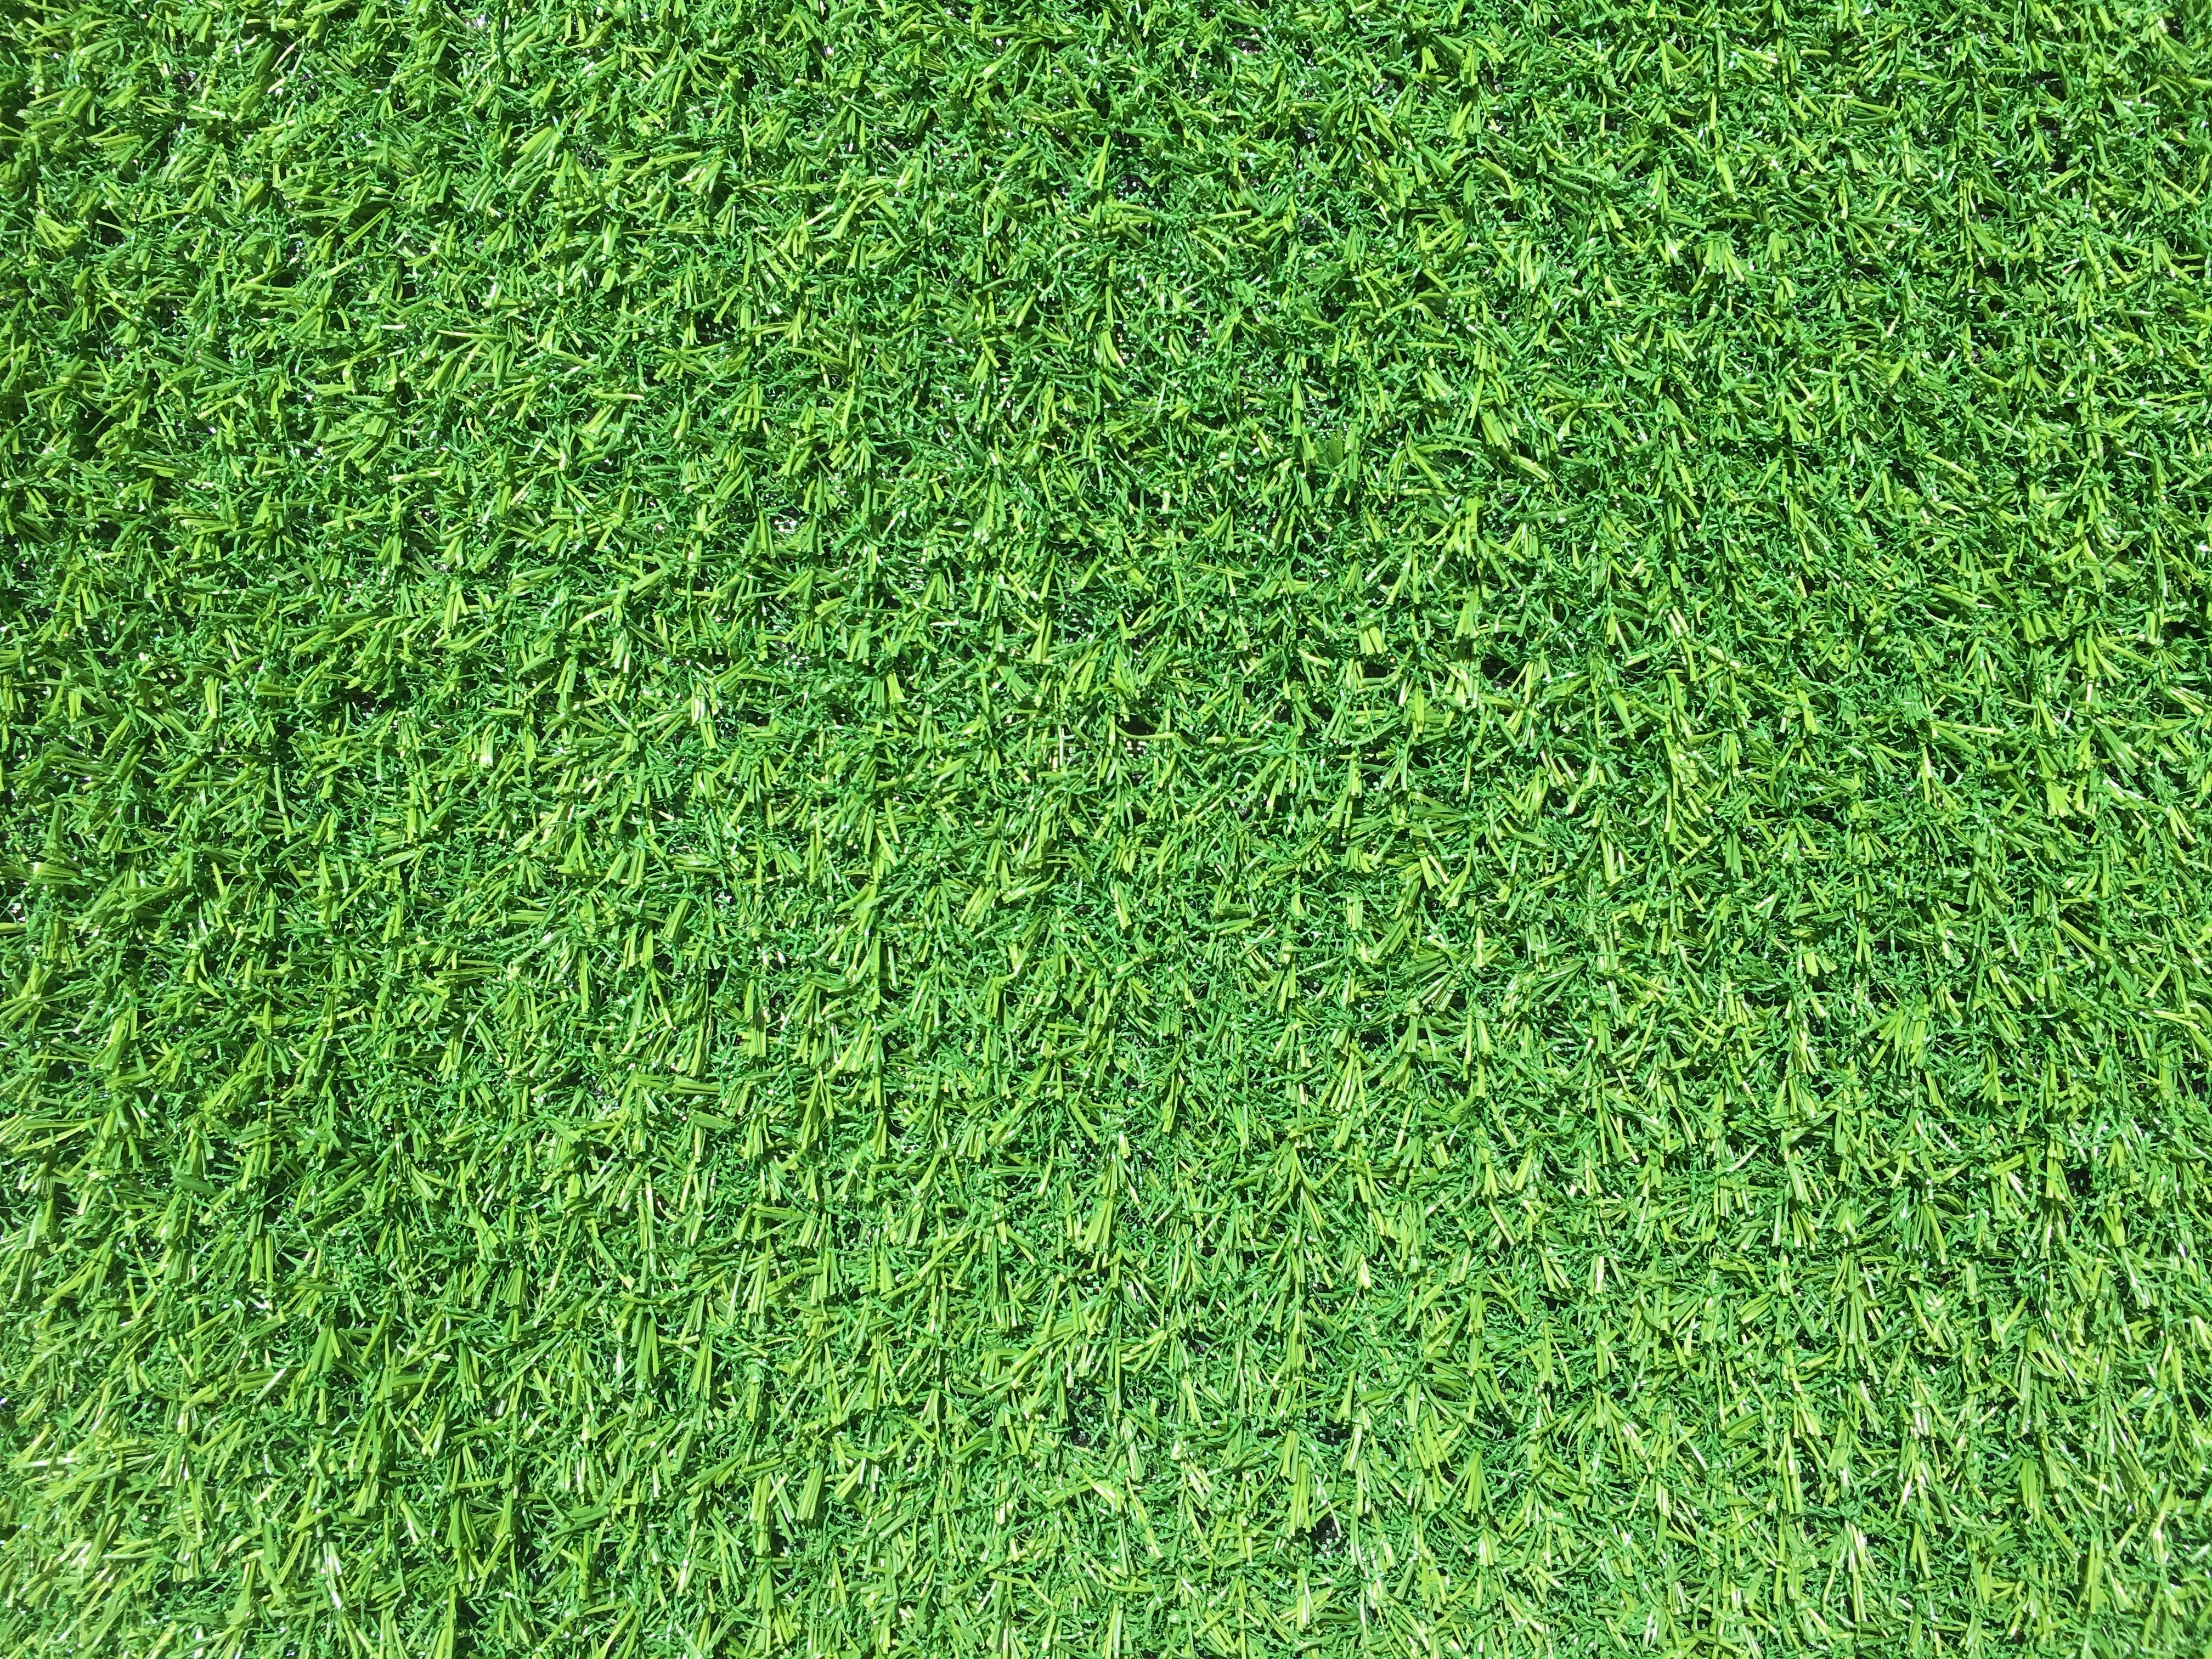 Covor Iarba Artificiala, Tip Gazon, Verde, Tropicana, 100% Polipropilena, 10 mm, 300x400 cm0